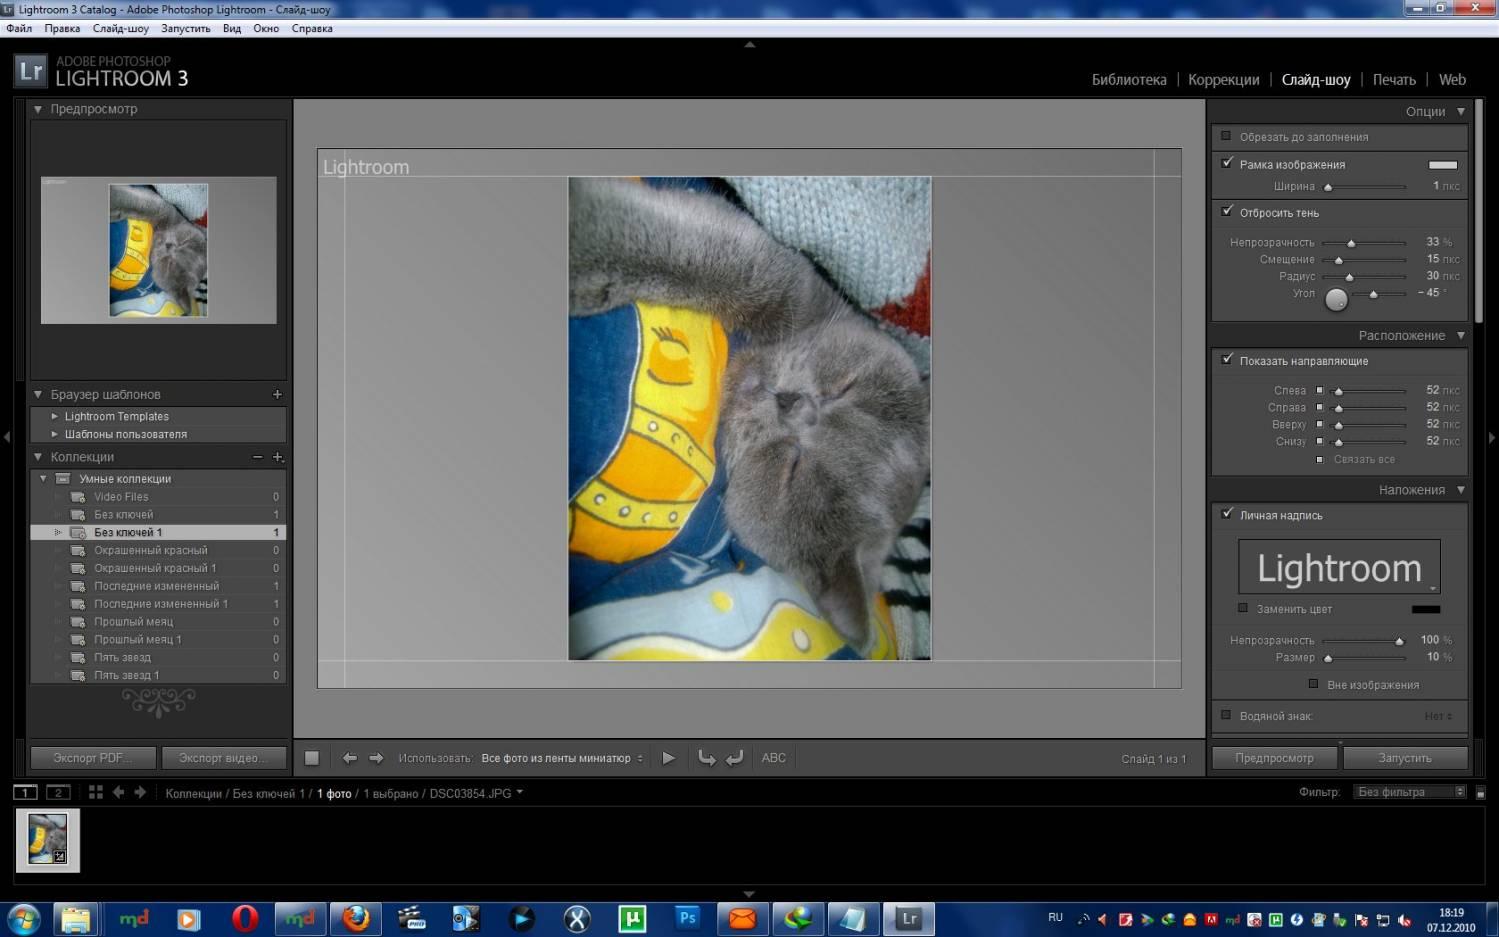 Как сделать надпись к фото в лайтруме